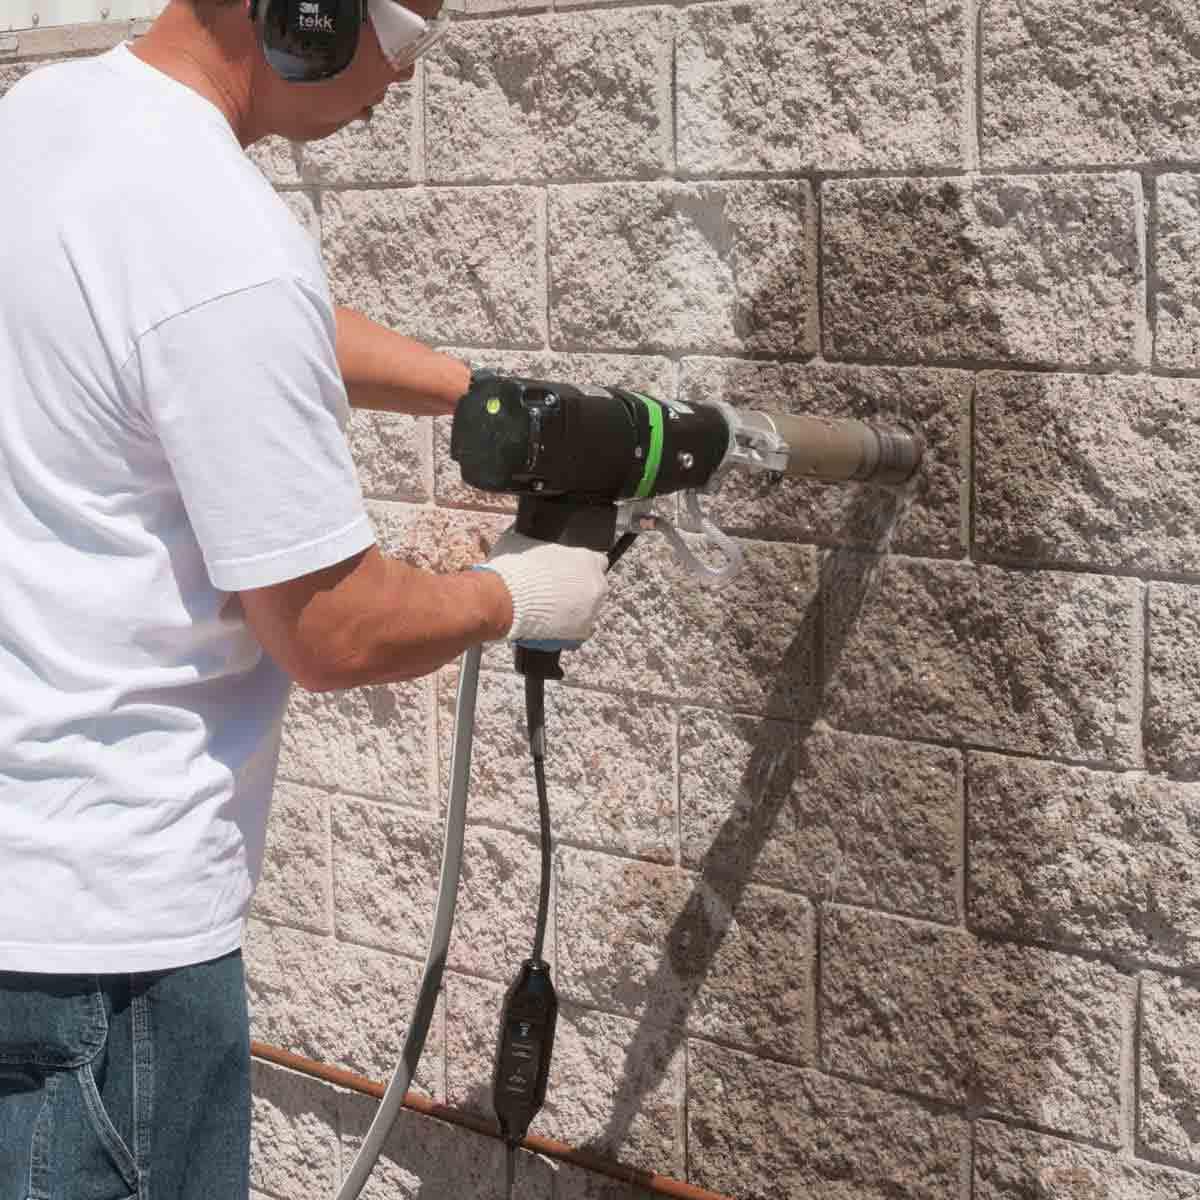 Eibenstock wet concrete core drill